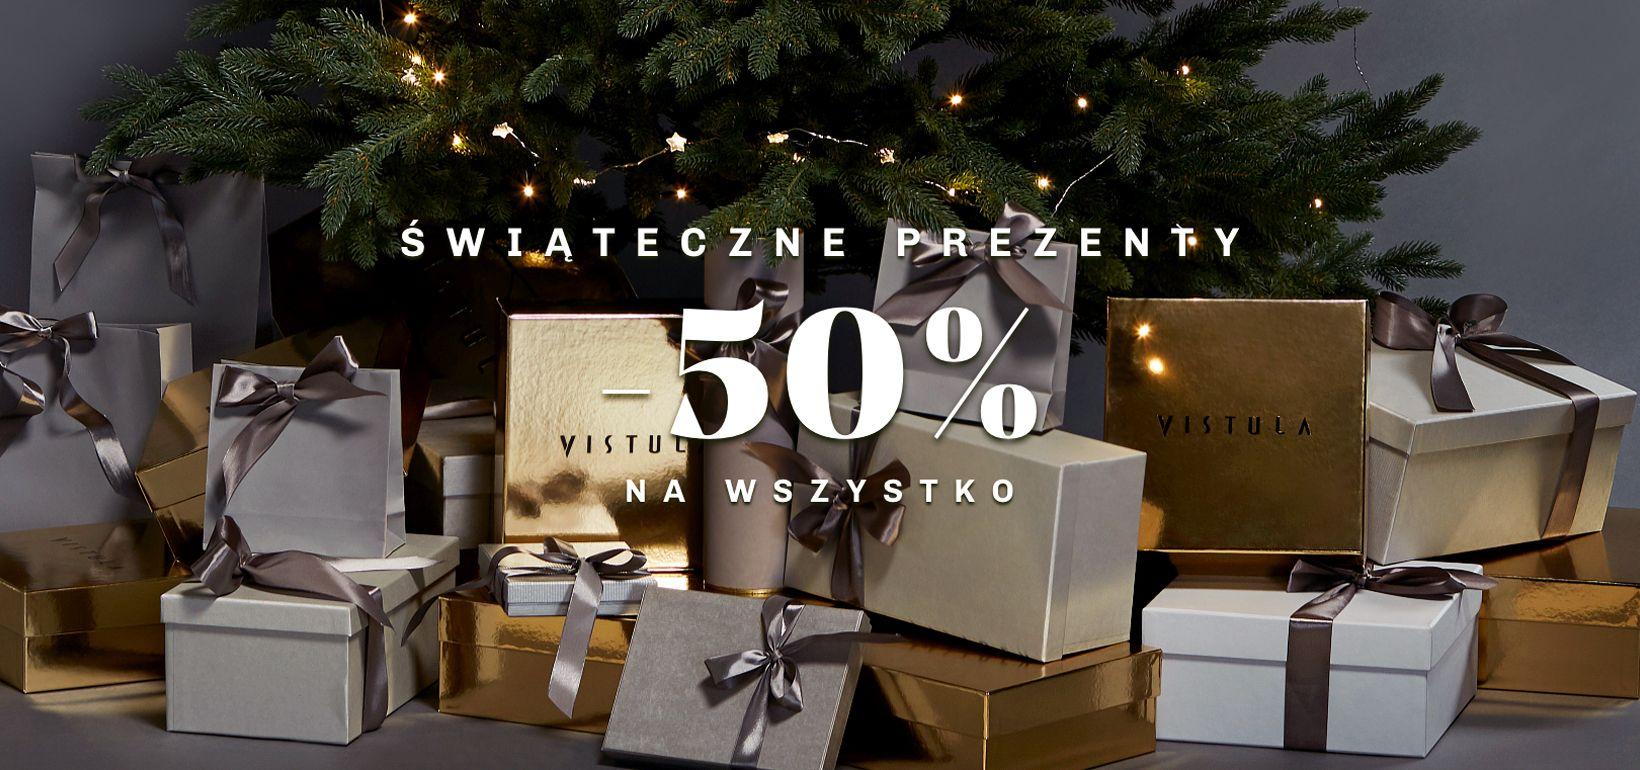 Vistula -50% na wszystko